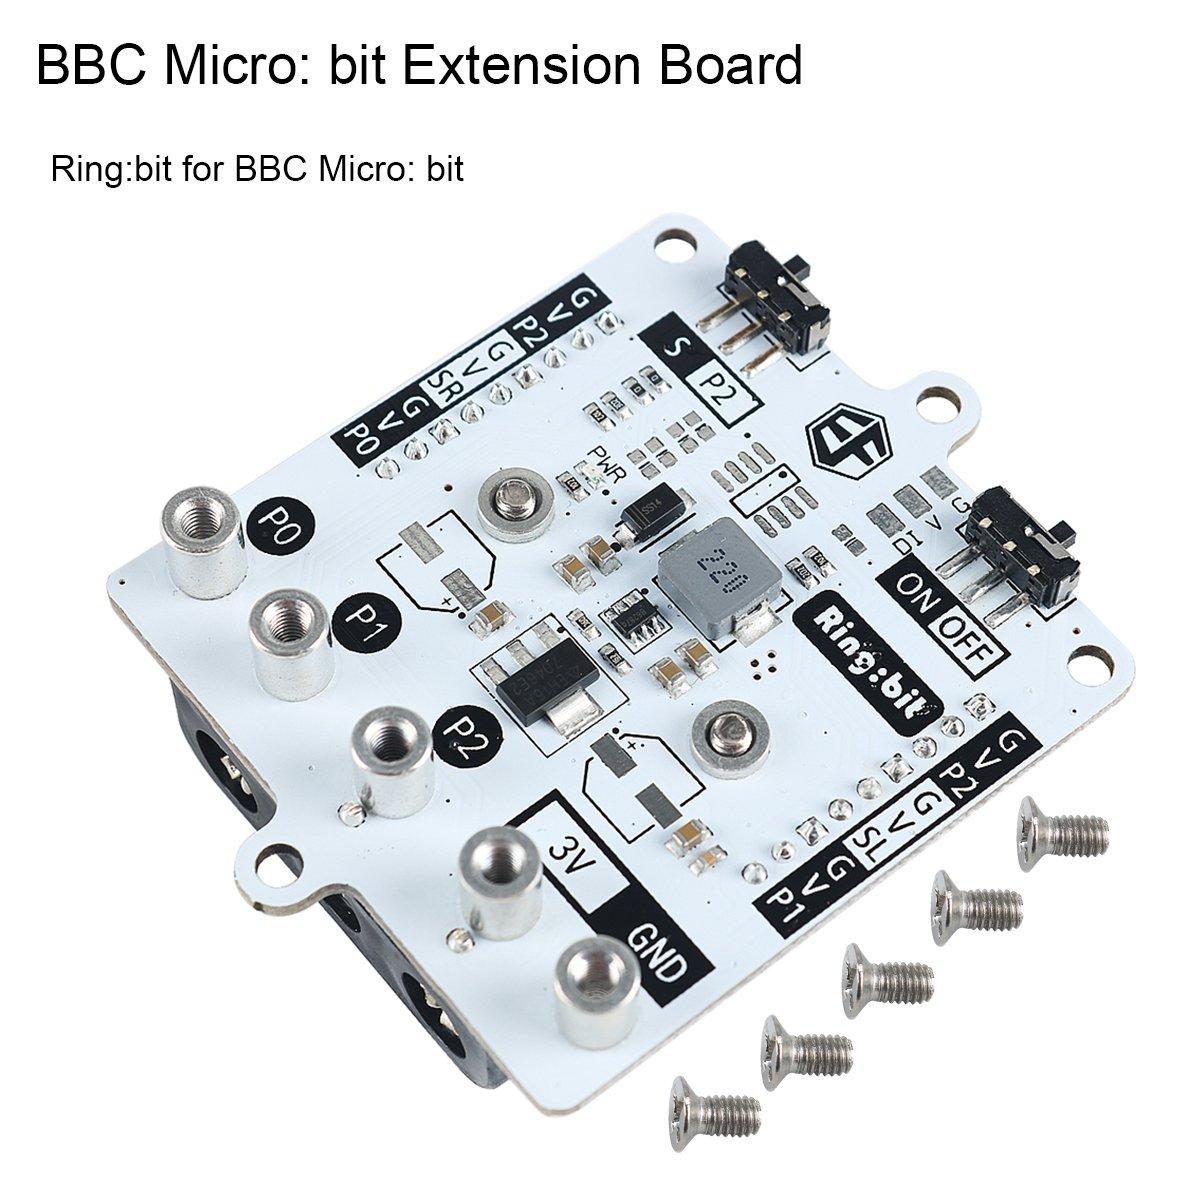 MakerHawk Anillo de Placa de extensió n BBC Microbit: Soporte de bit Conexió n de Tres servos, manejo de Todo Tipo de mó dulos de GVS Soporte de Dispositivo Bluetooth 4.0 para BBC Microbit Board